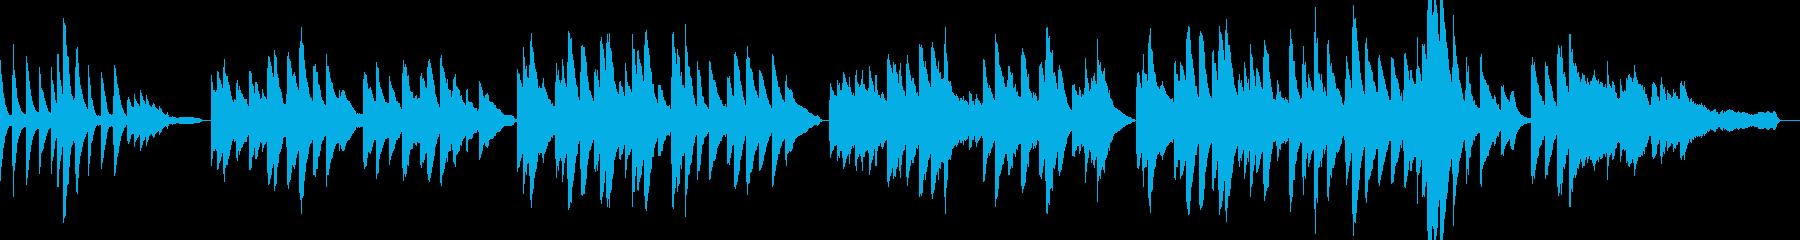 「ふるさと」ピアノアレンジ リバーブ浅めの再生済みの波形